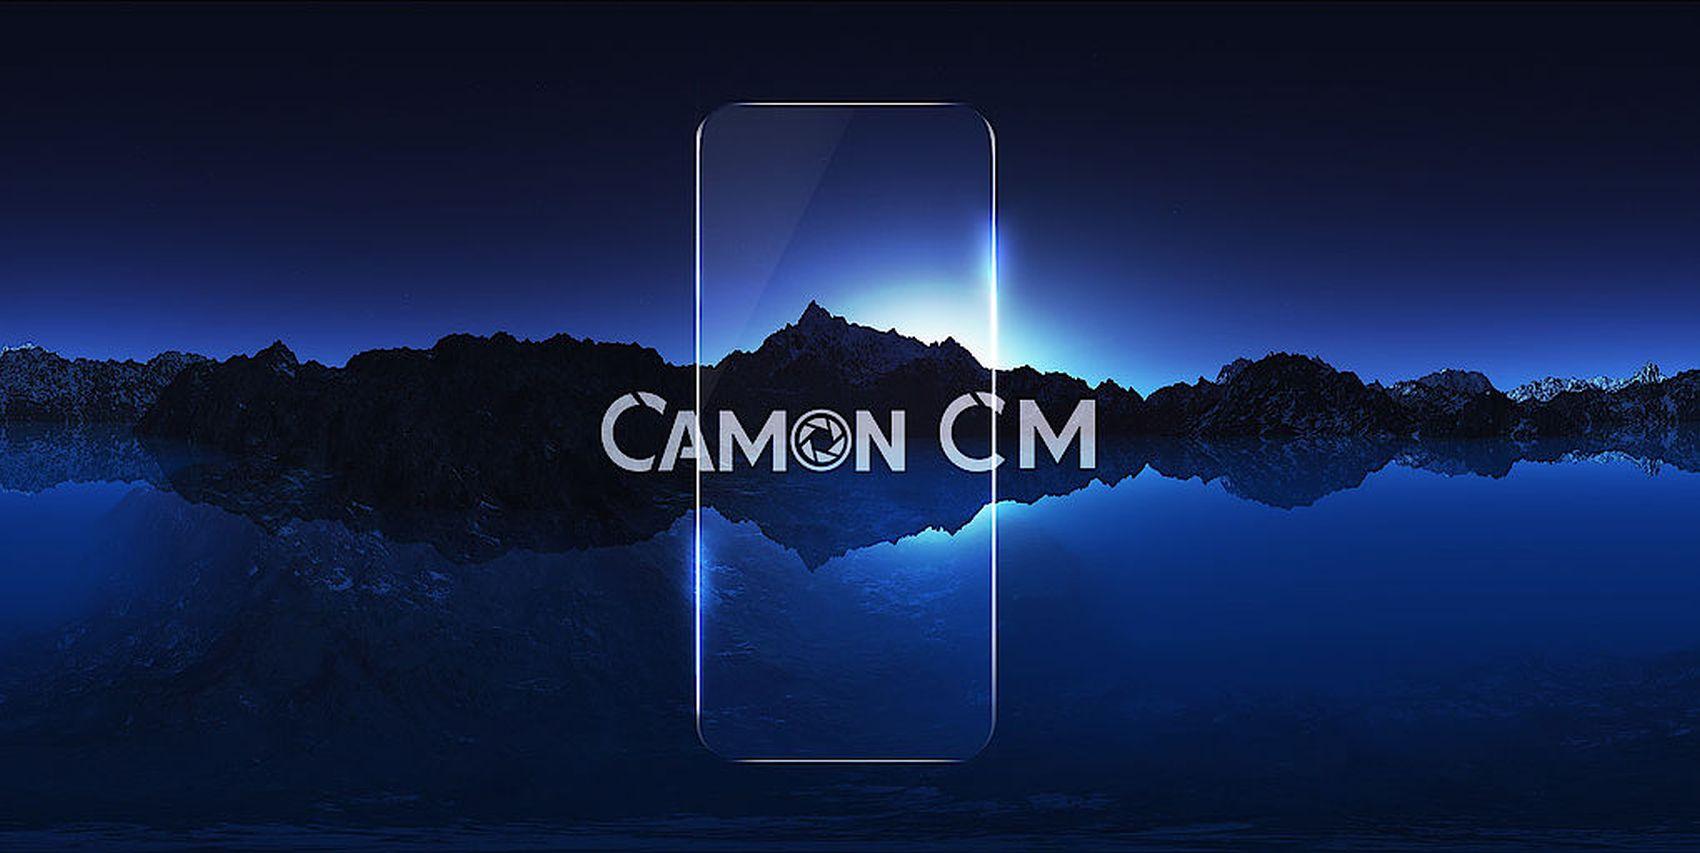 Tecno Launches New Camon CM Smartphone in Uganda - Spur Magazine